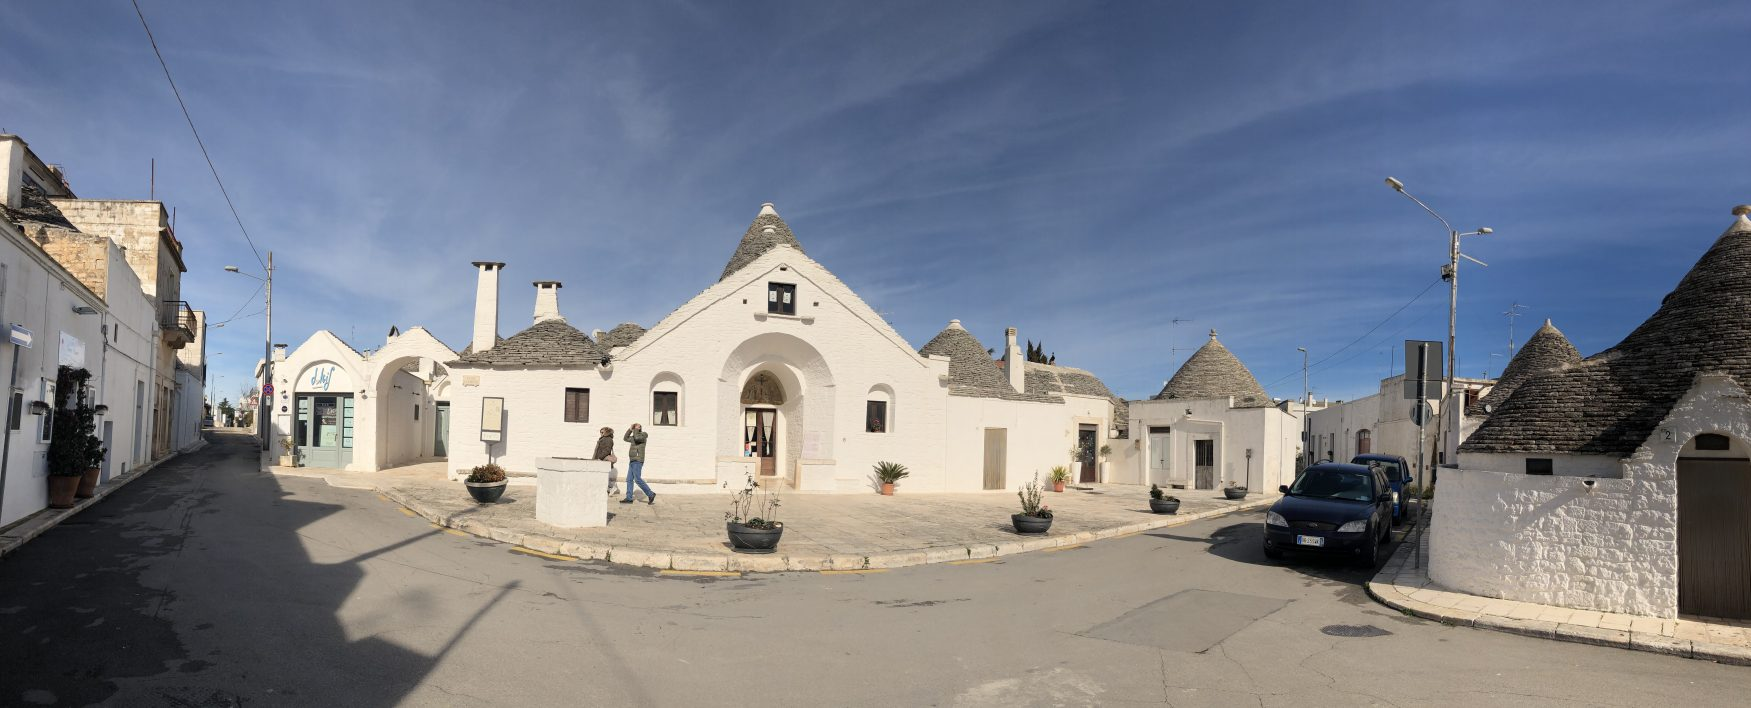 Trulli - Museum